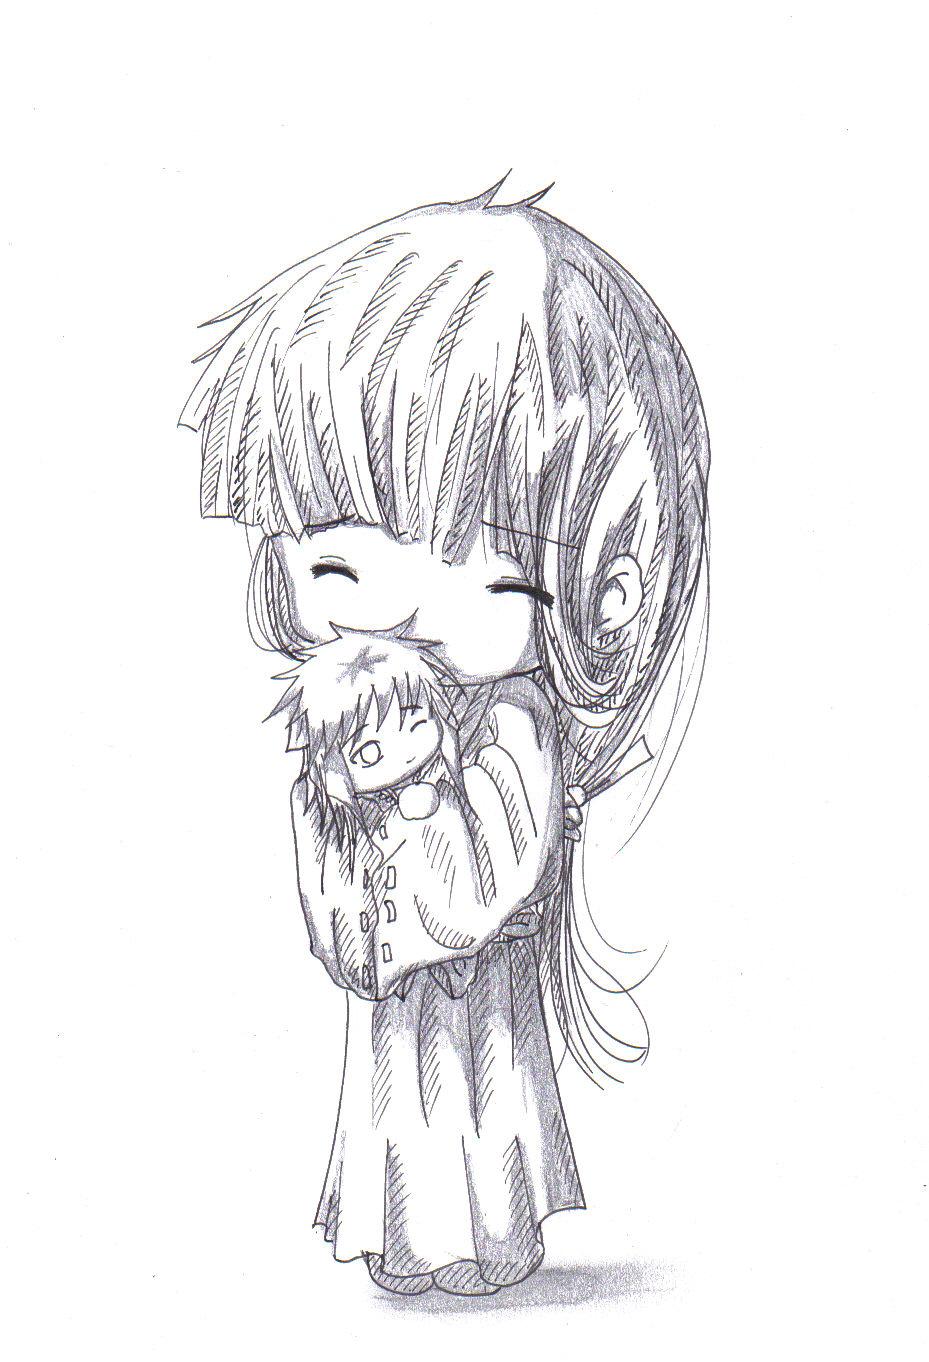 Hug me - Kikyo and InuYasha by LadyBlackKill